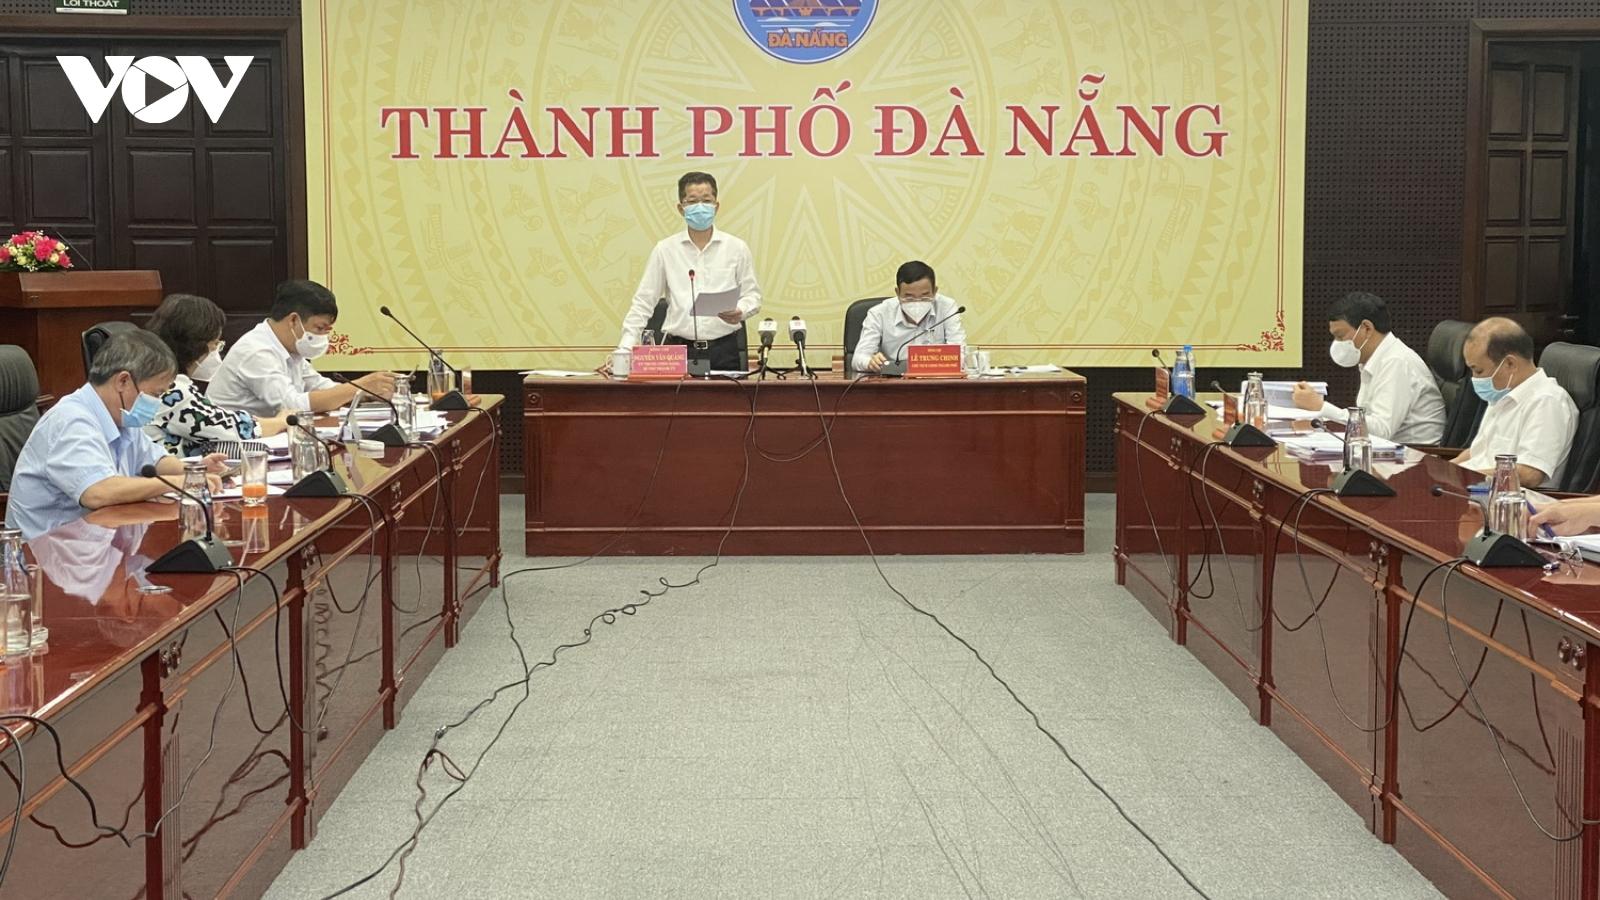 Qua 15 ngày phát hiện ca dương tính, Đà Nẵng kiểm soát được dịch Covid-19